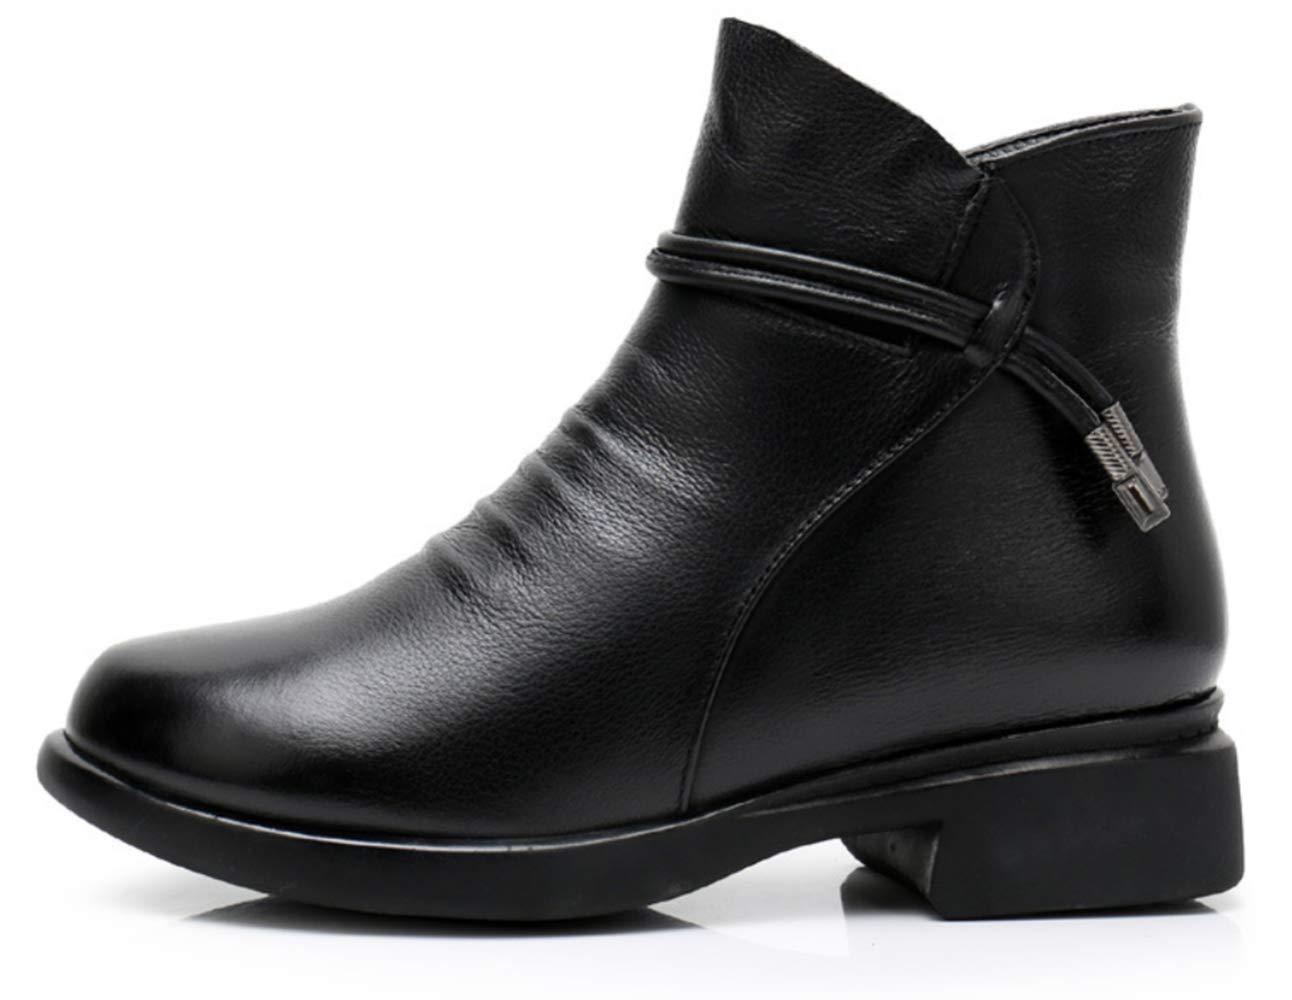 Shiney Frauen Aus Echtem Leder Chelsea Stiefel Klobige Ferse Samt Stiefeletten Martin Stiefel Schwarz Herbst Winter